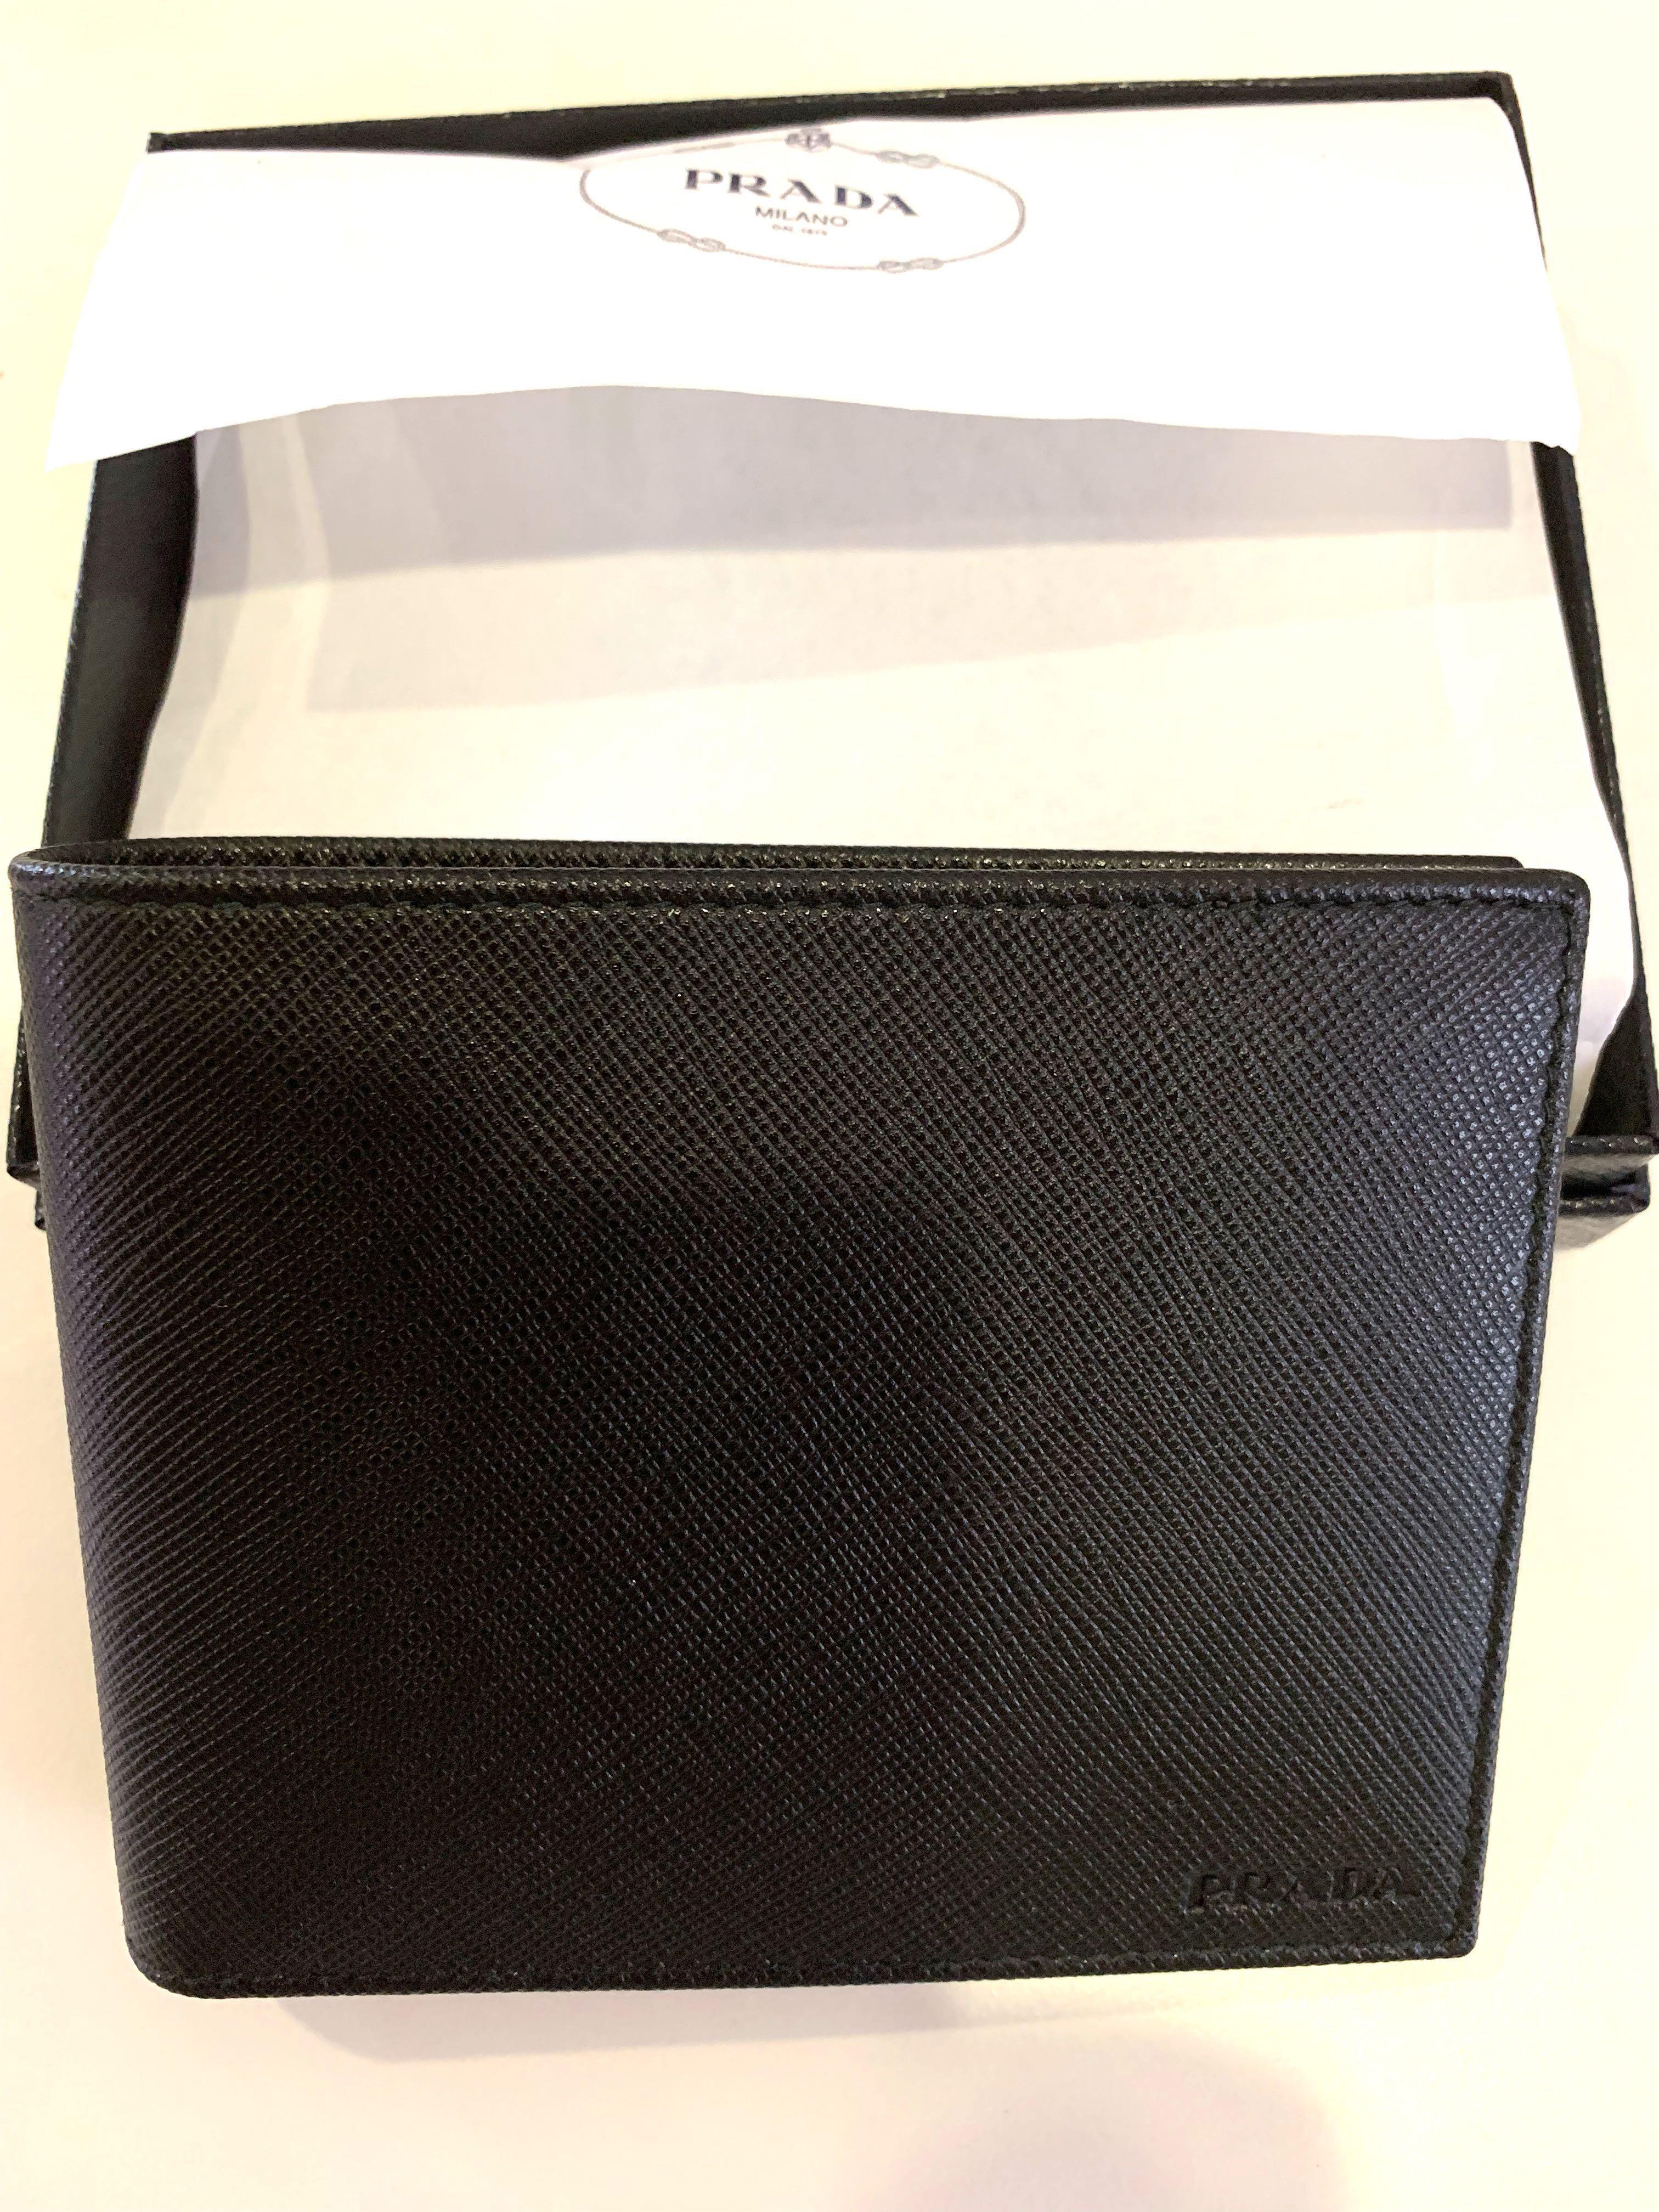 a2031d7e2a70 Prada new in box men wallet black, Men's Fashion, Bags & Wallets ...